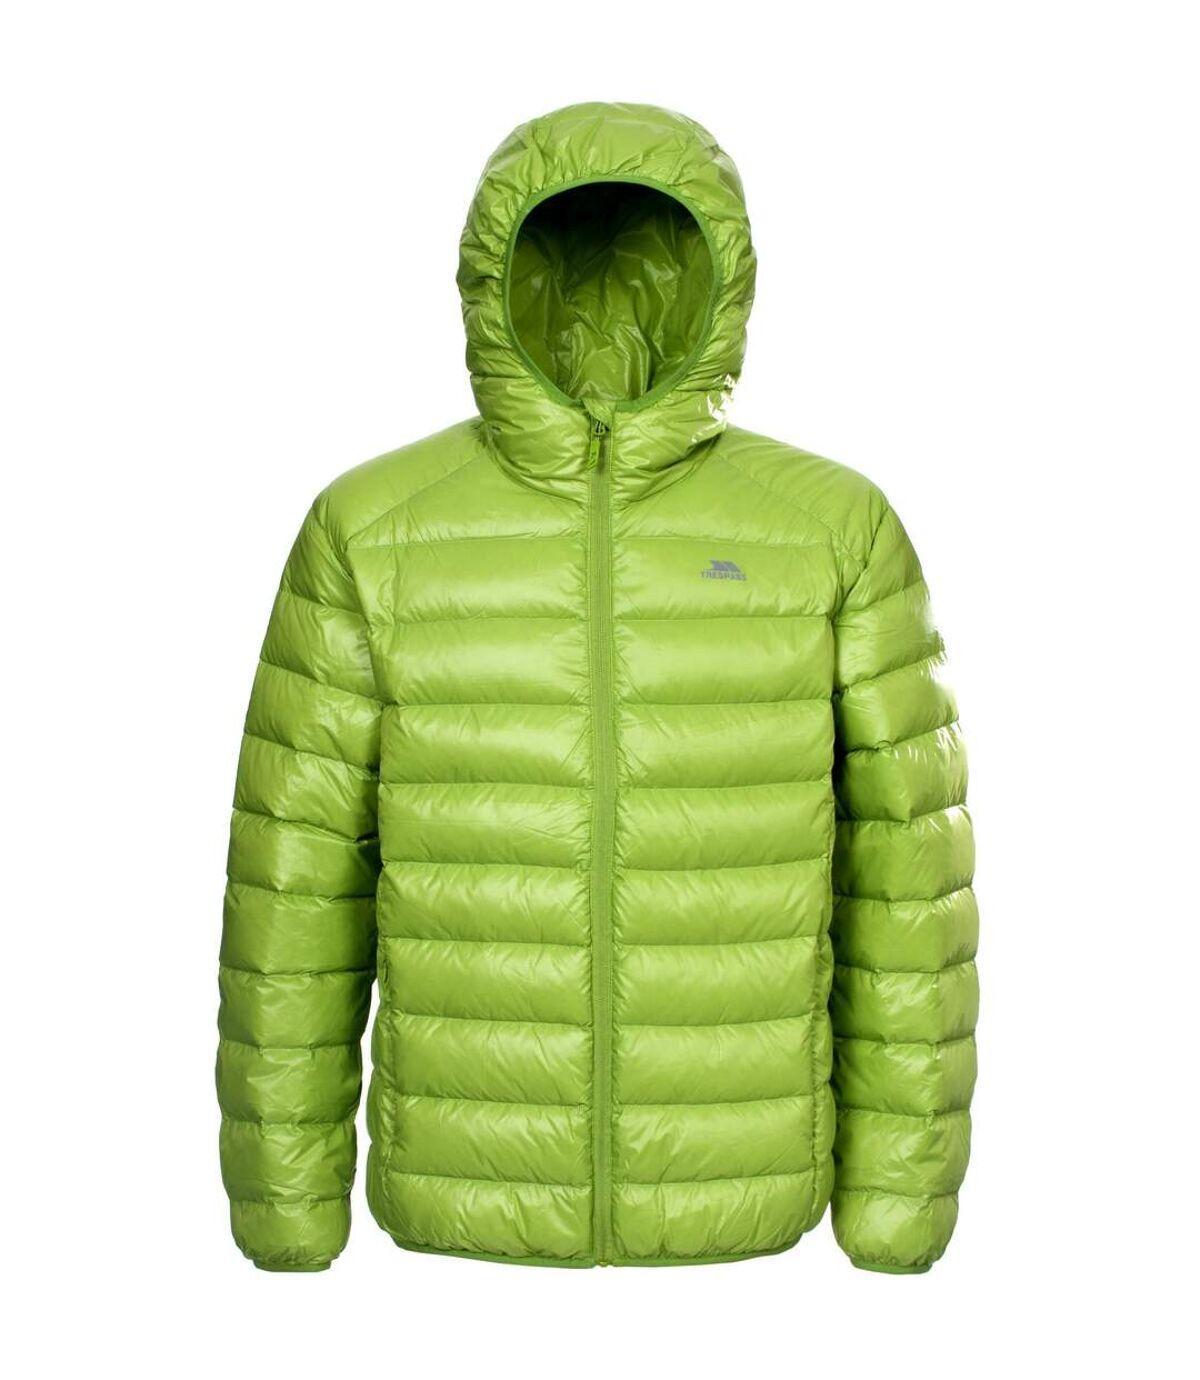 Trespass Mens Ramirez Down Lightweight Winter Jacket (Leaf) - UTTP857